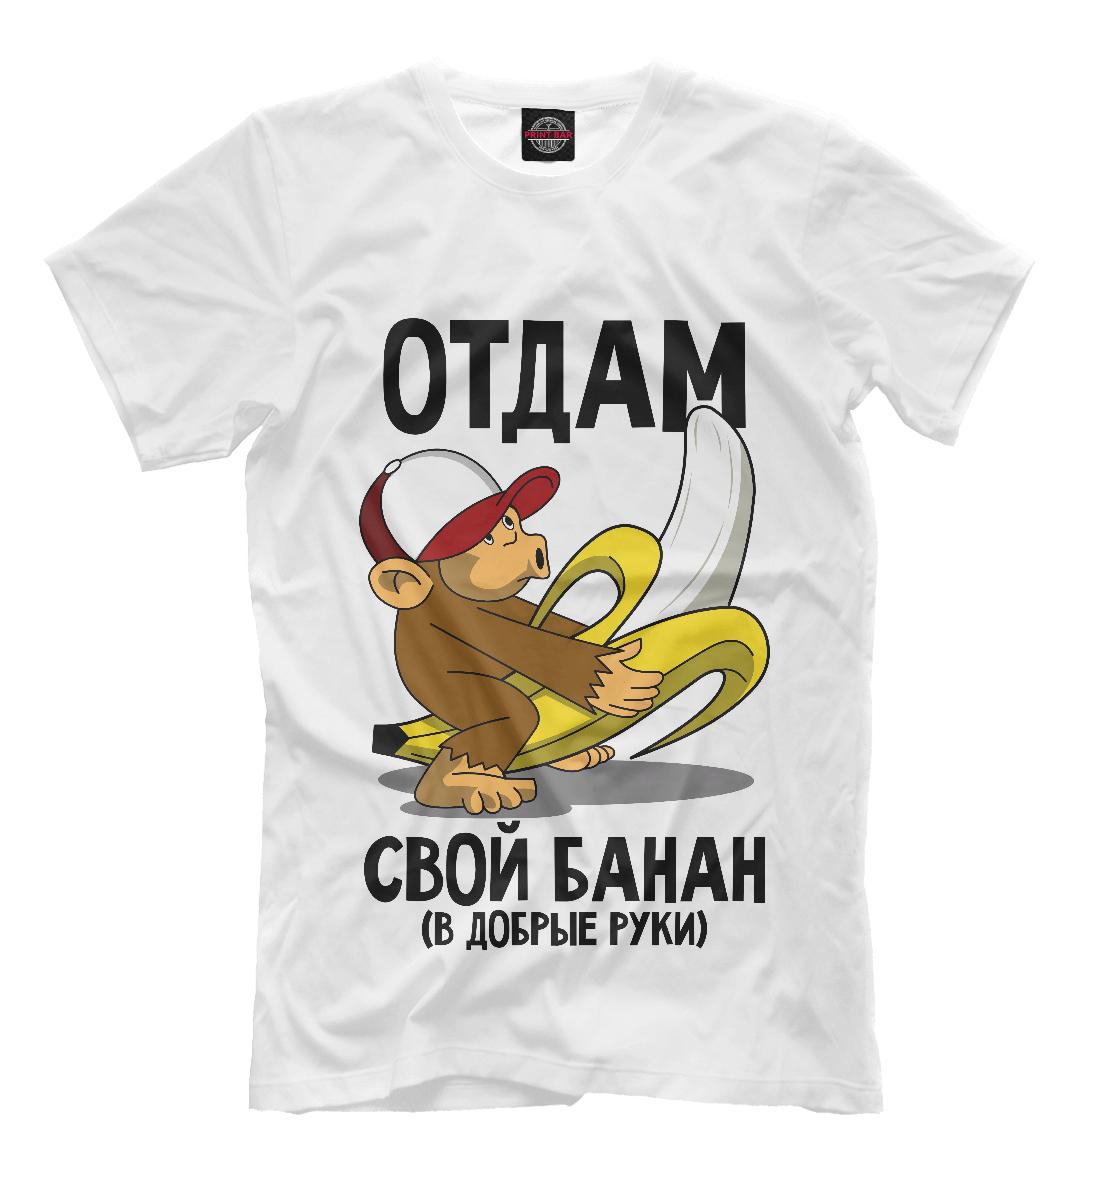 полудрагоценный картинки на футболки для мужчин смешные понадобятся